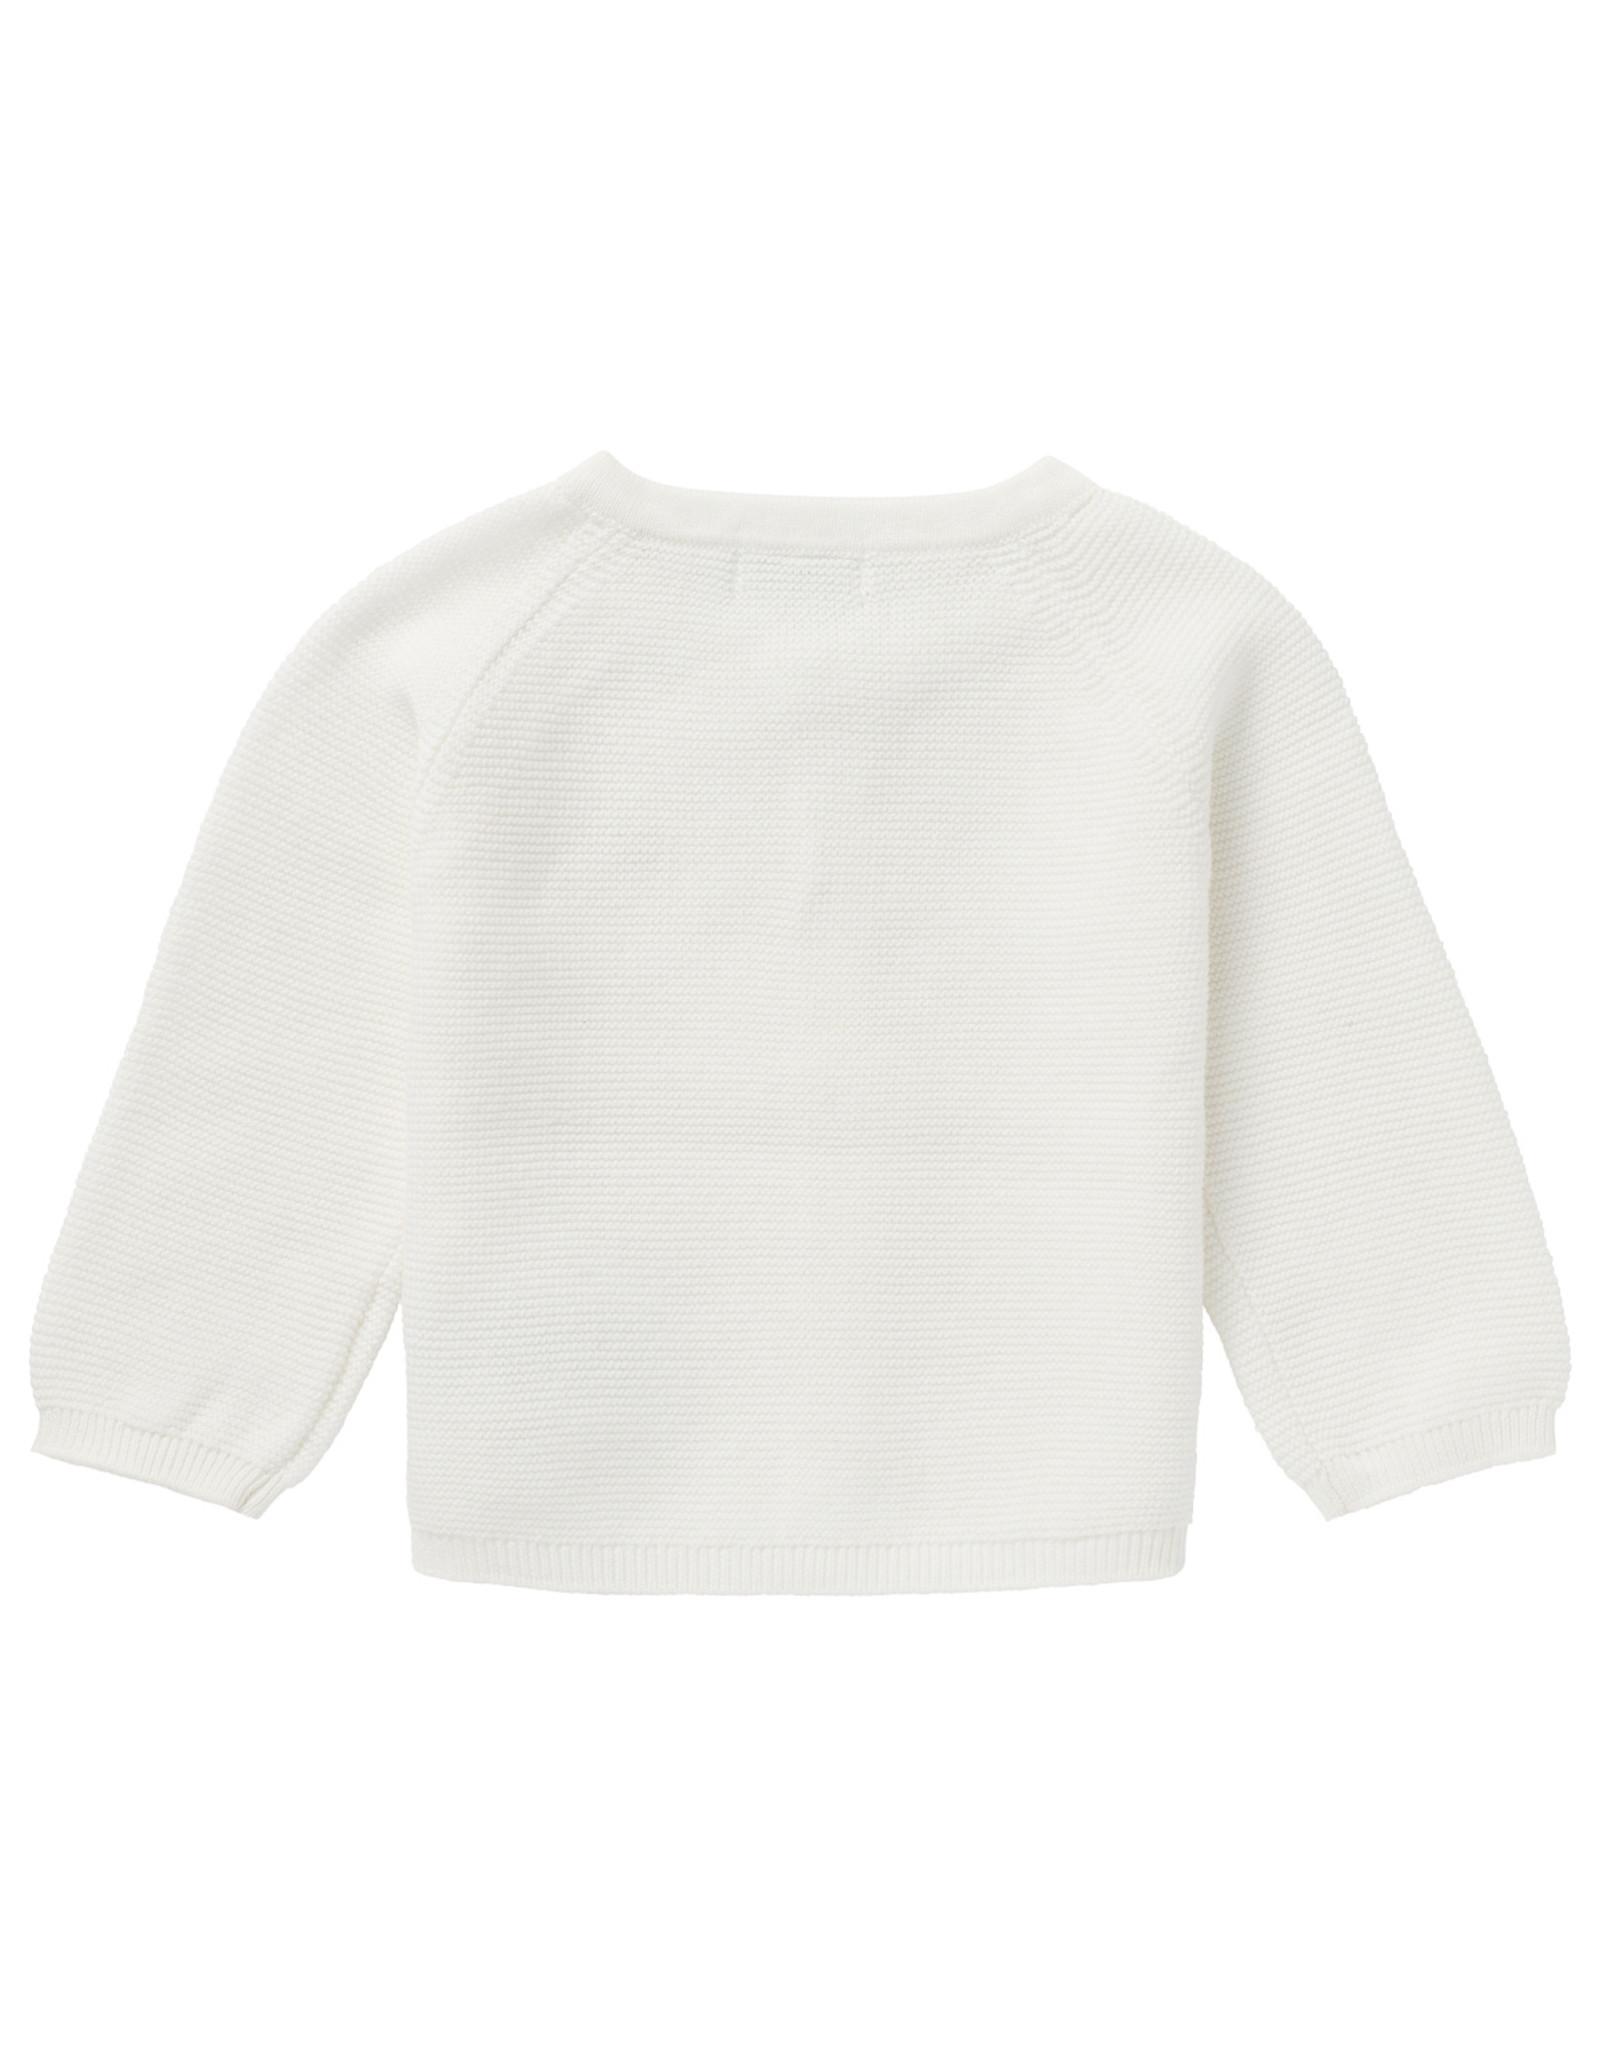 Noppies U Cardigan knit Naga White